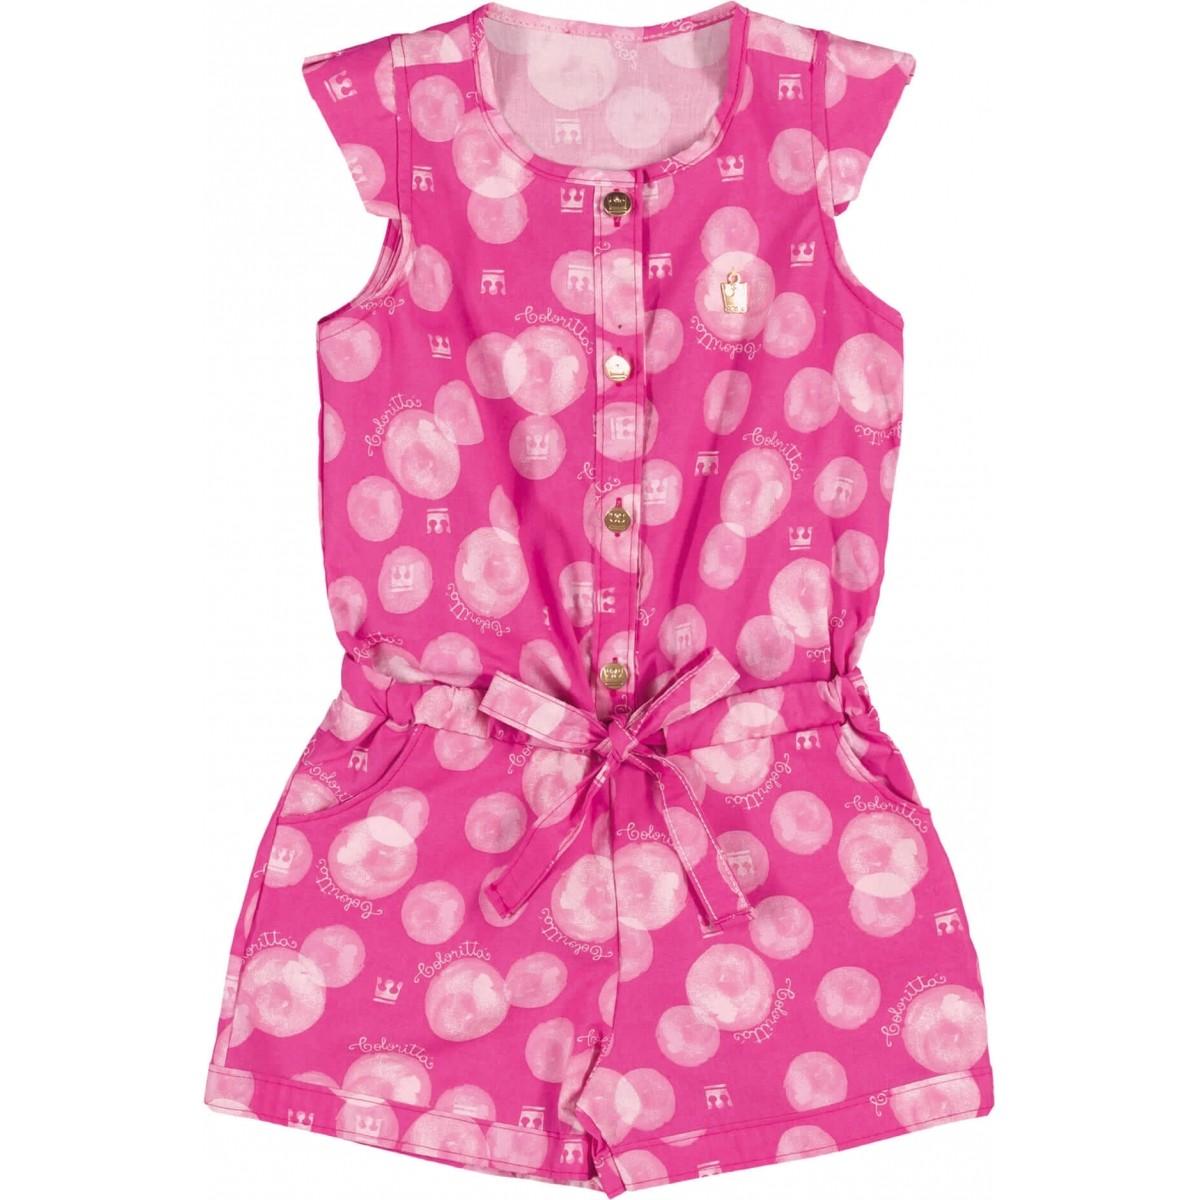 Vestido Infantil Feminino Rosa Verão Colorittá  193f1360da55b